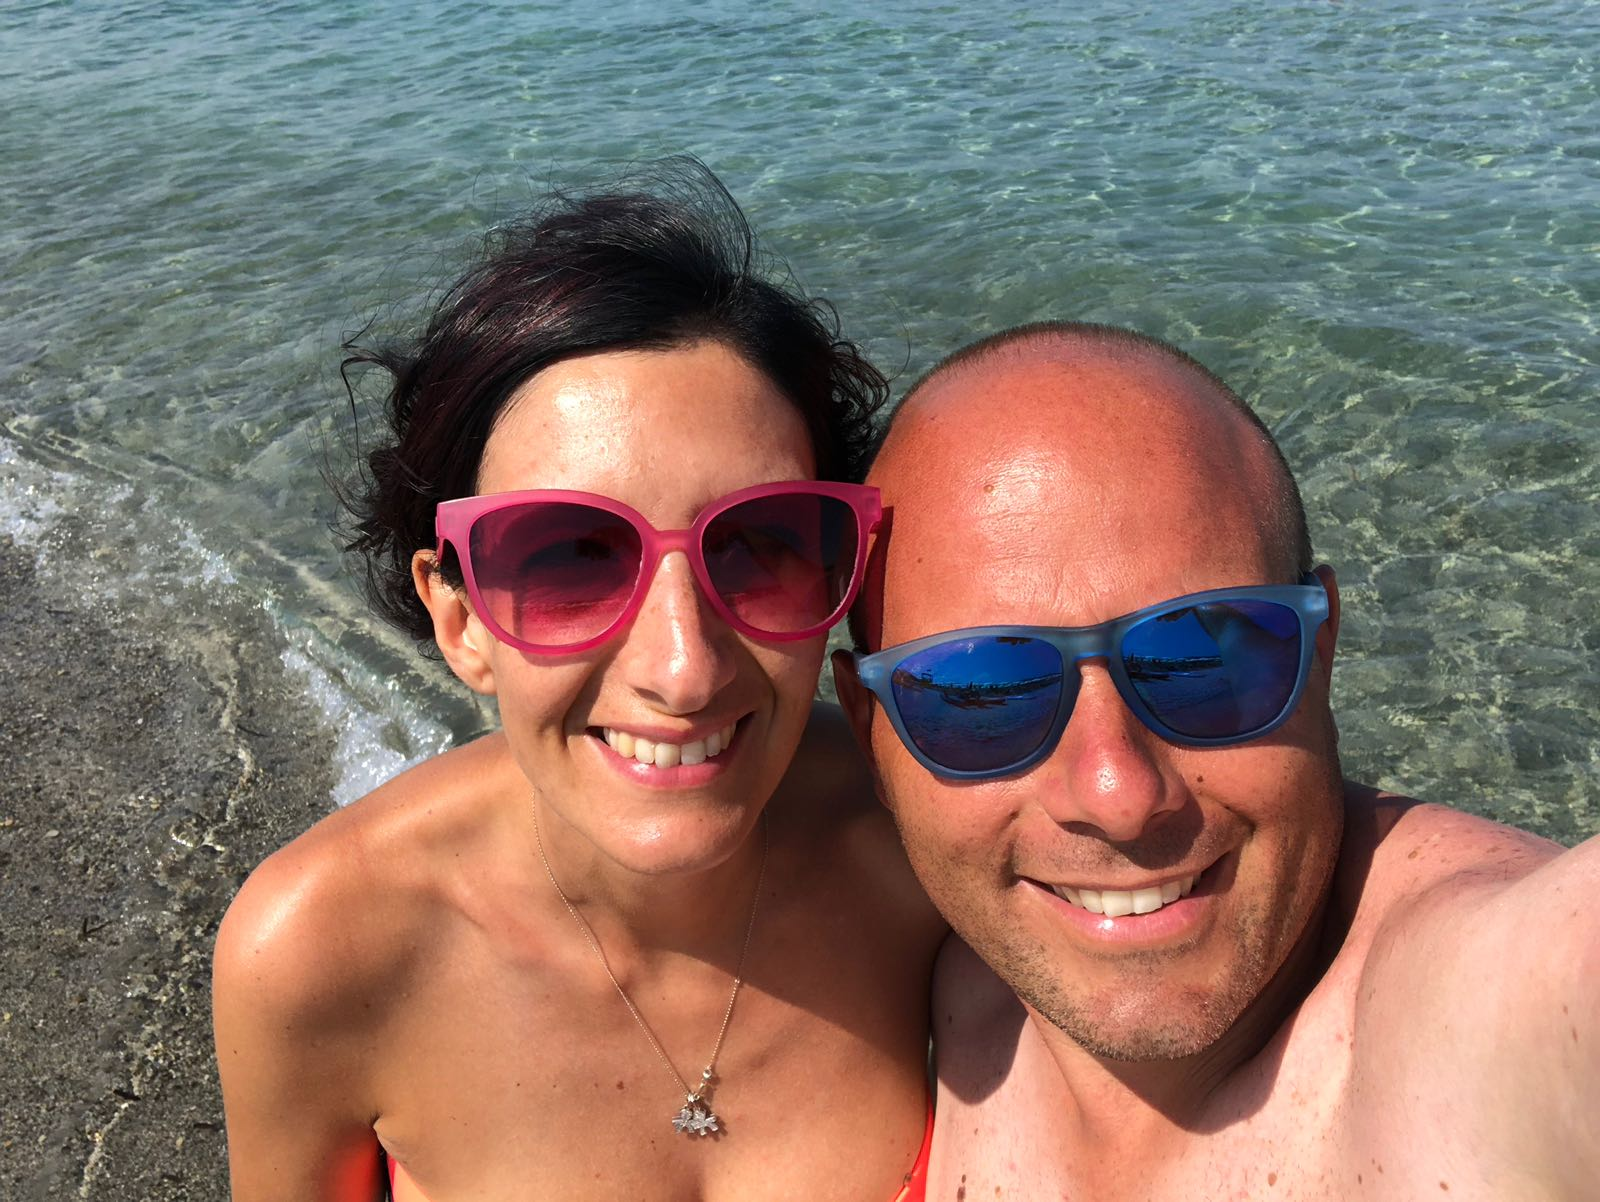 Fabio, Marta, Alessio e Andrea Nicolaus Club Villaggio Baia dei Pini dal 4 all'11 agosto 2018. #concorsofotograficoviaggicarmen2018